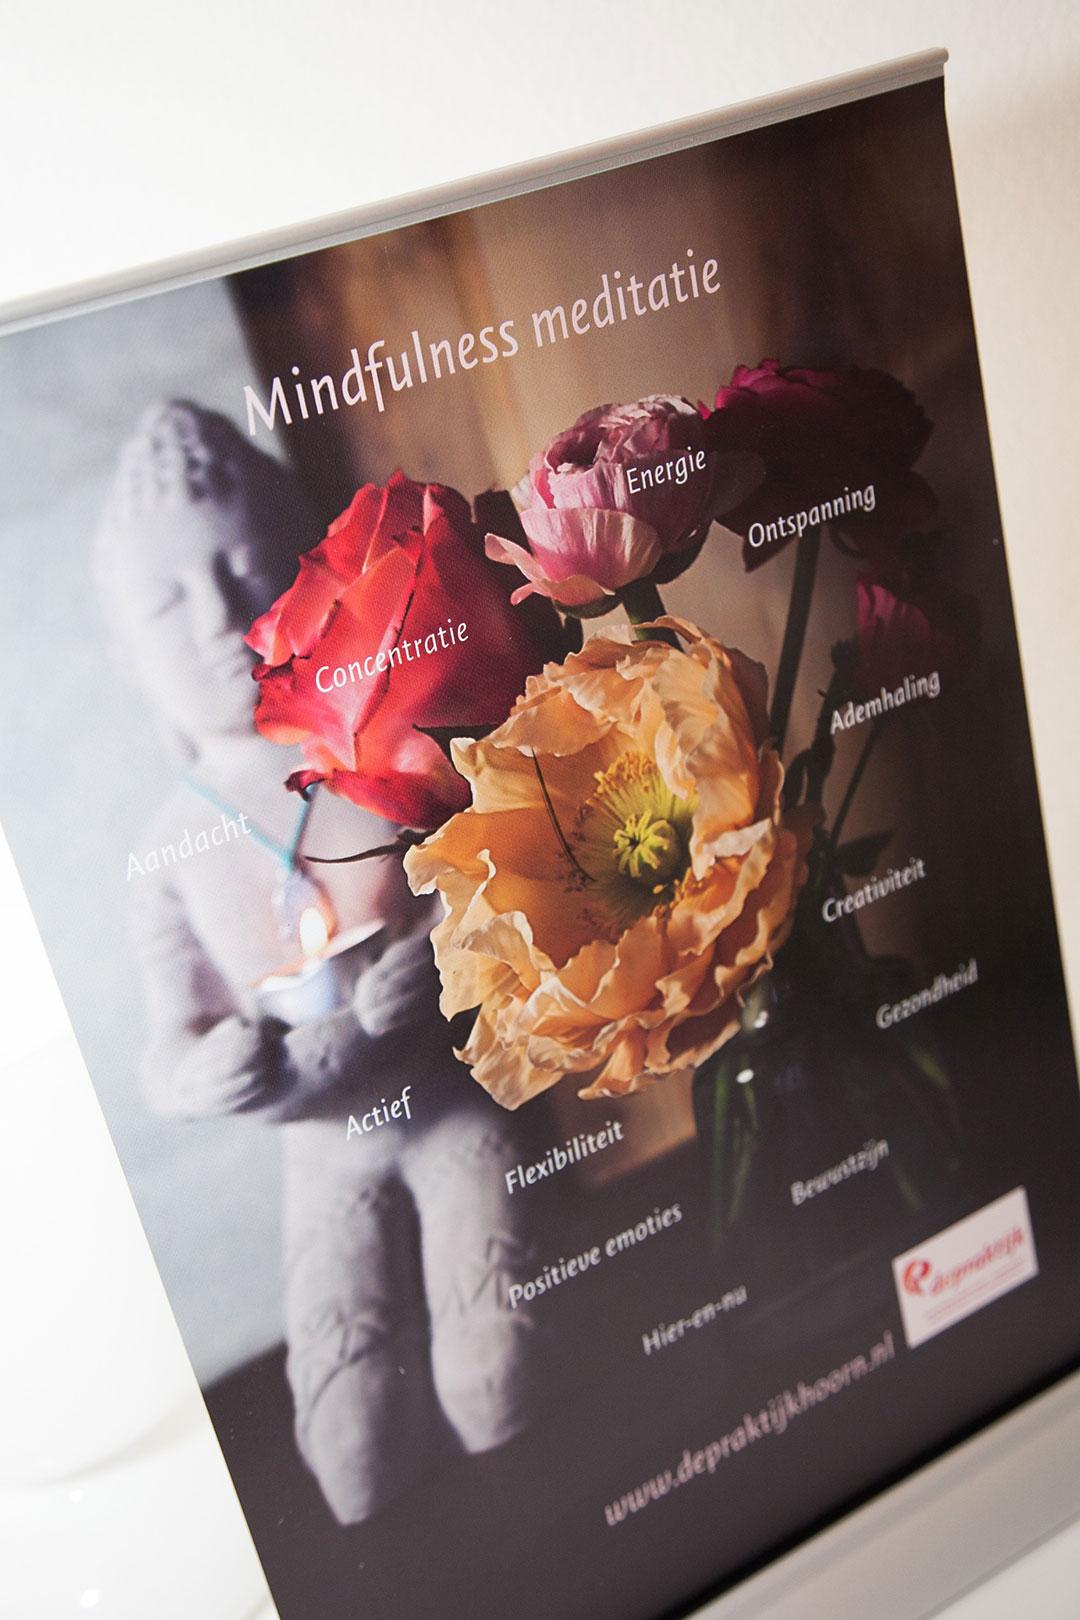 voordelen van mindfulness op een banner